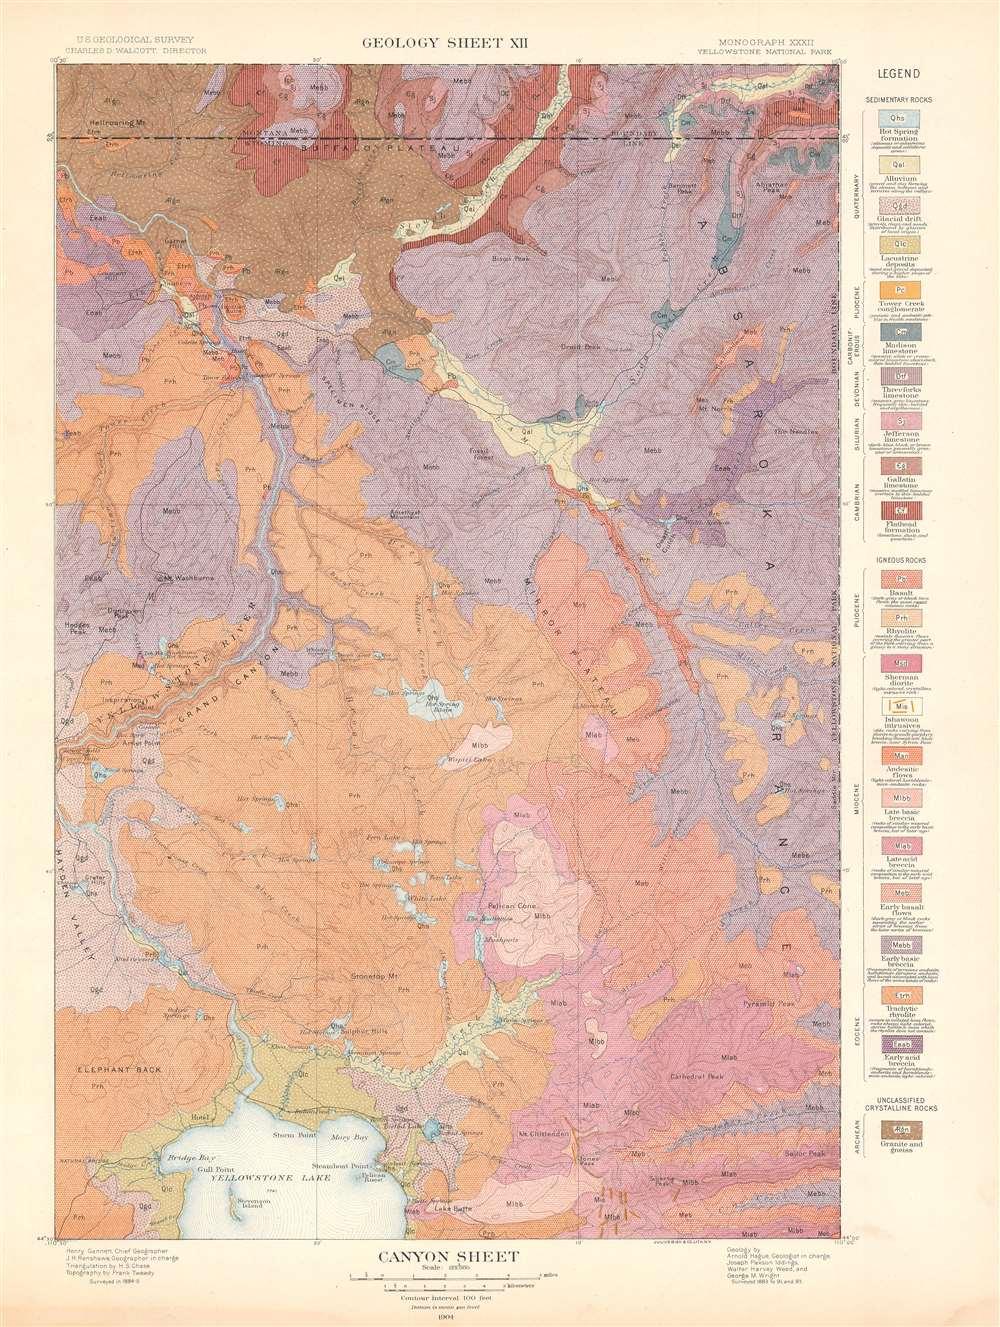 Canyon Sheet.  Geology Sheet XII. - Main View